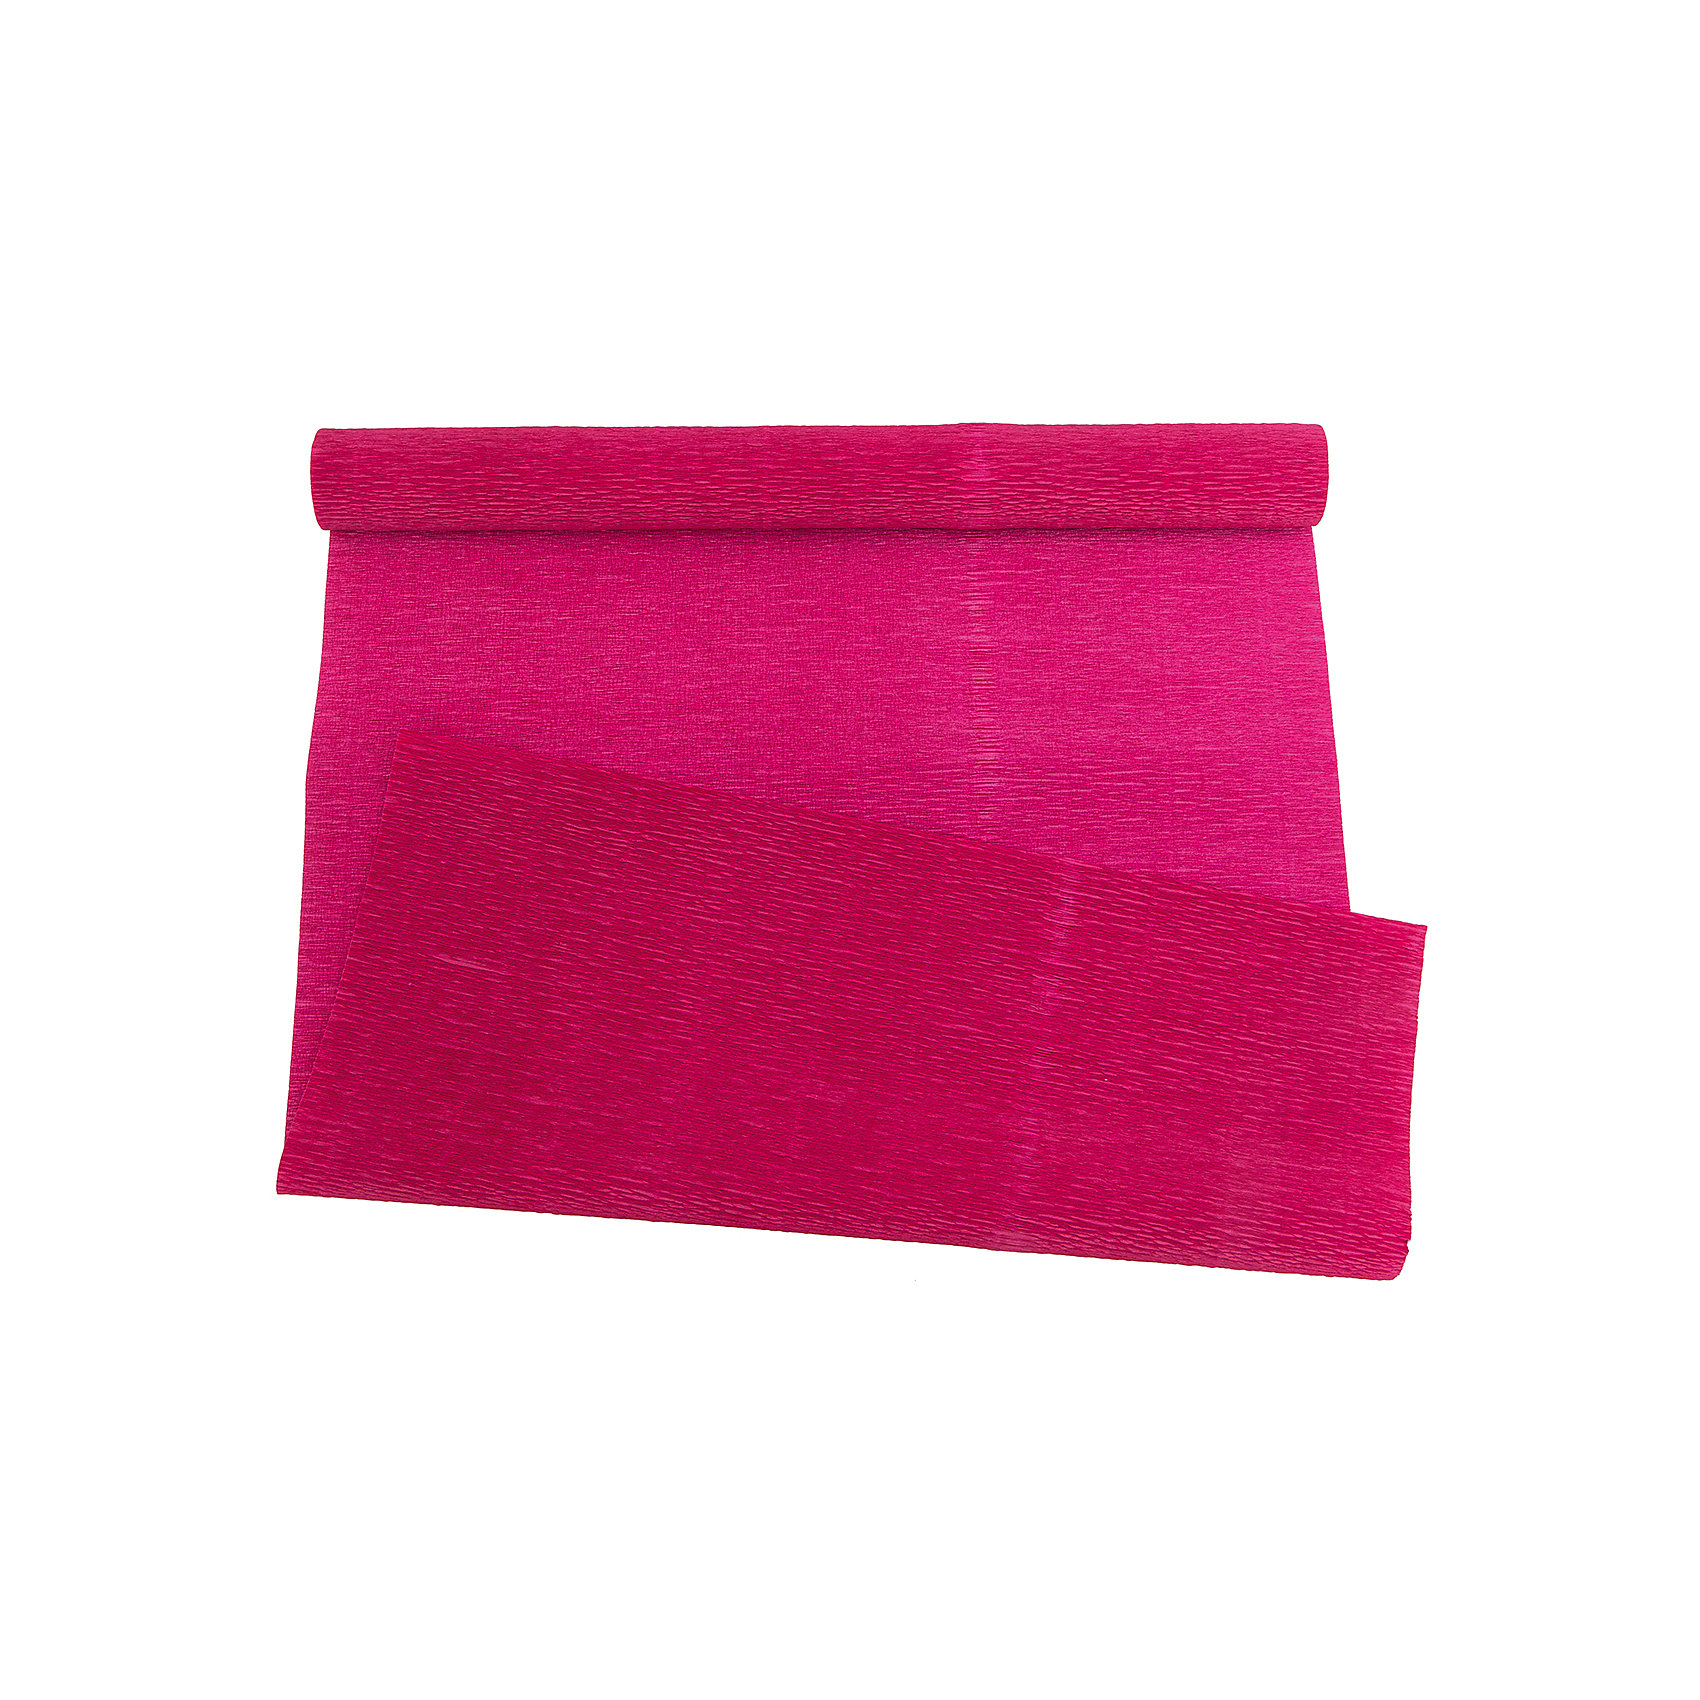 Цветная крепированная бумага 50х250 см, оттенок вишняБумажная продукция<br>Цветная крепированная бумага 50х250 см, оттенок вишня.<br><br>Характеристики:<br><br>• Возраст: от 6 лет<br>• Размер: 50х250 см.<br>• Оттенок: вишня<br><br>Двухсторонняя крепированная бумага - идеальный вариант для воплощения любых творческих идей: начиная от создания поделок и заканчивая упаковкой подарков. Является великолепным инструментом для развития творческих навыков у детей.<br><br>Цветную крепированную бумагу 50х250 см, оттенок вишня можно купить в нашем интернет-магазине.<br><br>Ширина мм: 500<br>Глубина мм: 40<br>Высота мм: 75<br>Вес г: 130<br>Возраст от месяцев: 72<br>Возраст до месяцев: 2147483647<br>Пол: Унисекс<br>Возраст: Детский<br>SKU: 5504480